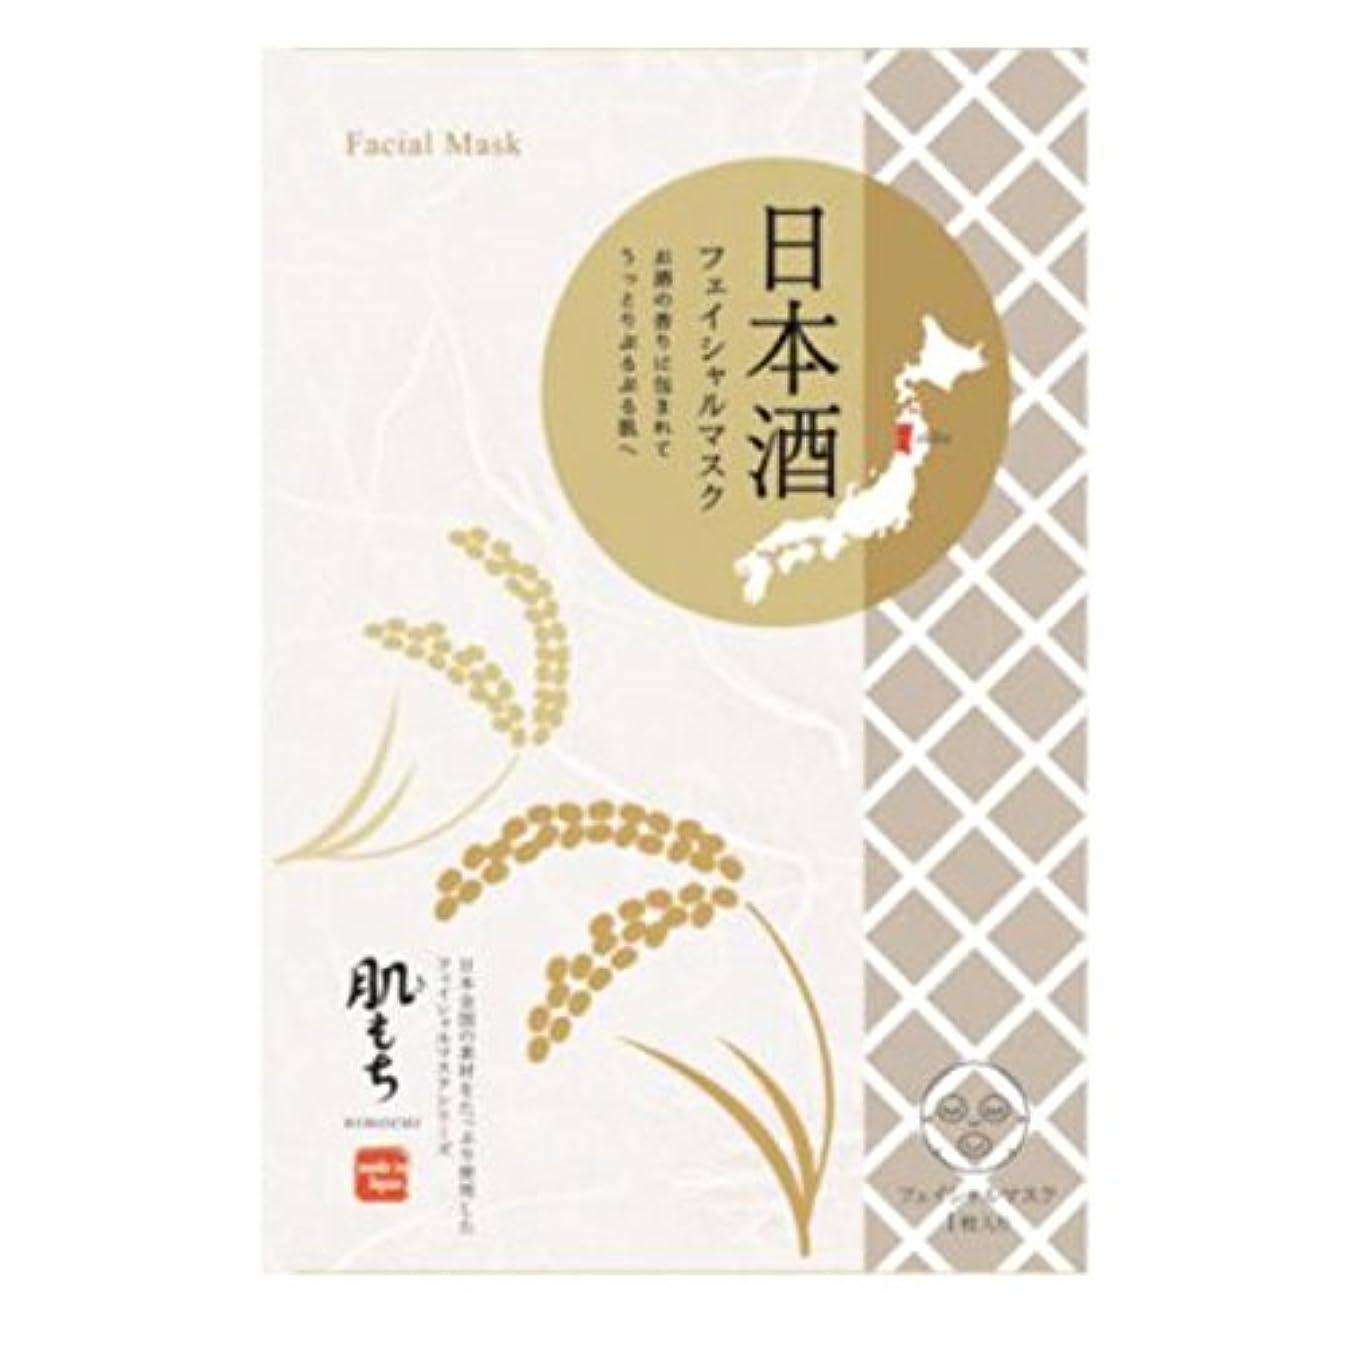 肌もち(きもち) フェイシャルマスク 日本酒(1枚20ml) 5枚セット